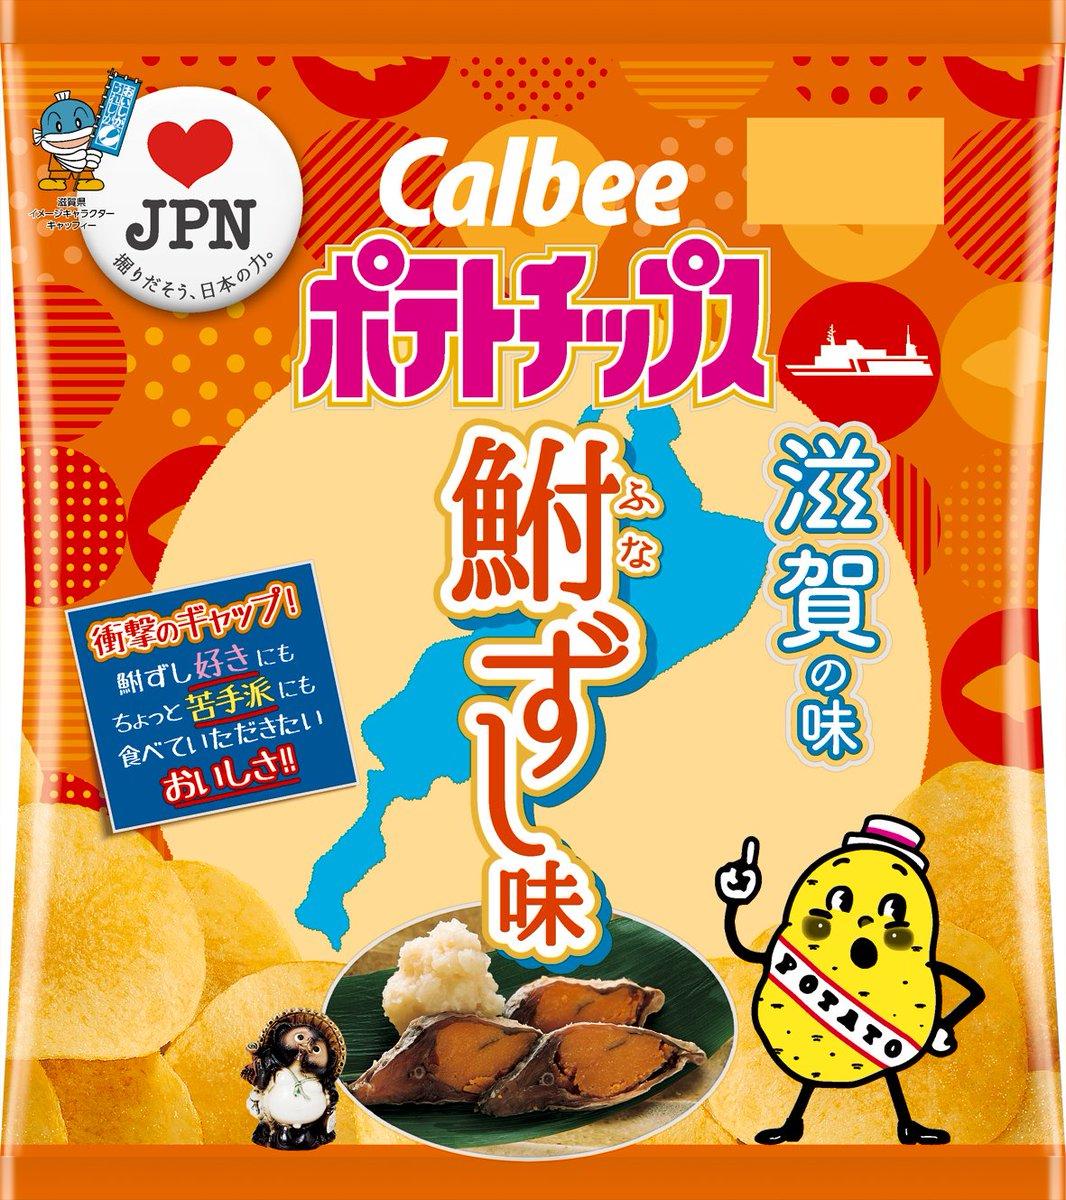 うぉ 本当にいいんですか…!? 担当 本当にいいんです!  11月13日から近畿のコンビニ、 11月27日からそれ以外の店舗で販売されるwo! どんな味がするんだろ~(●´ω`●)